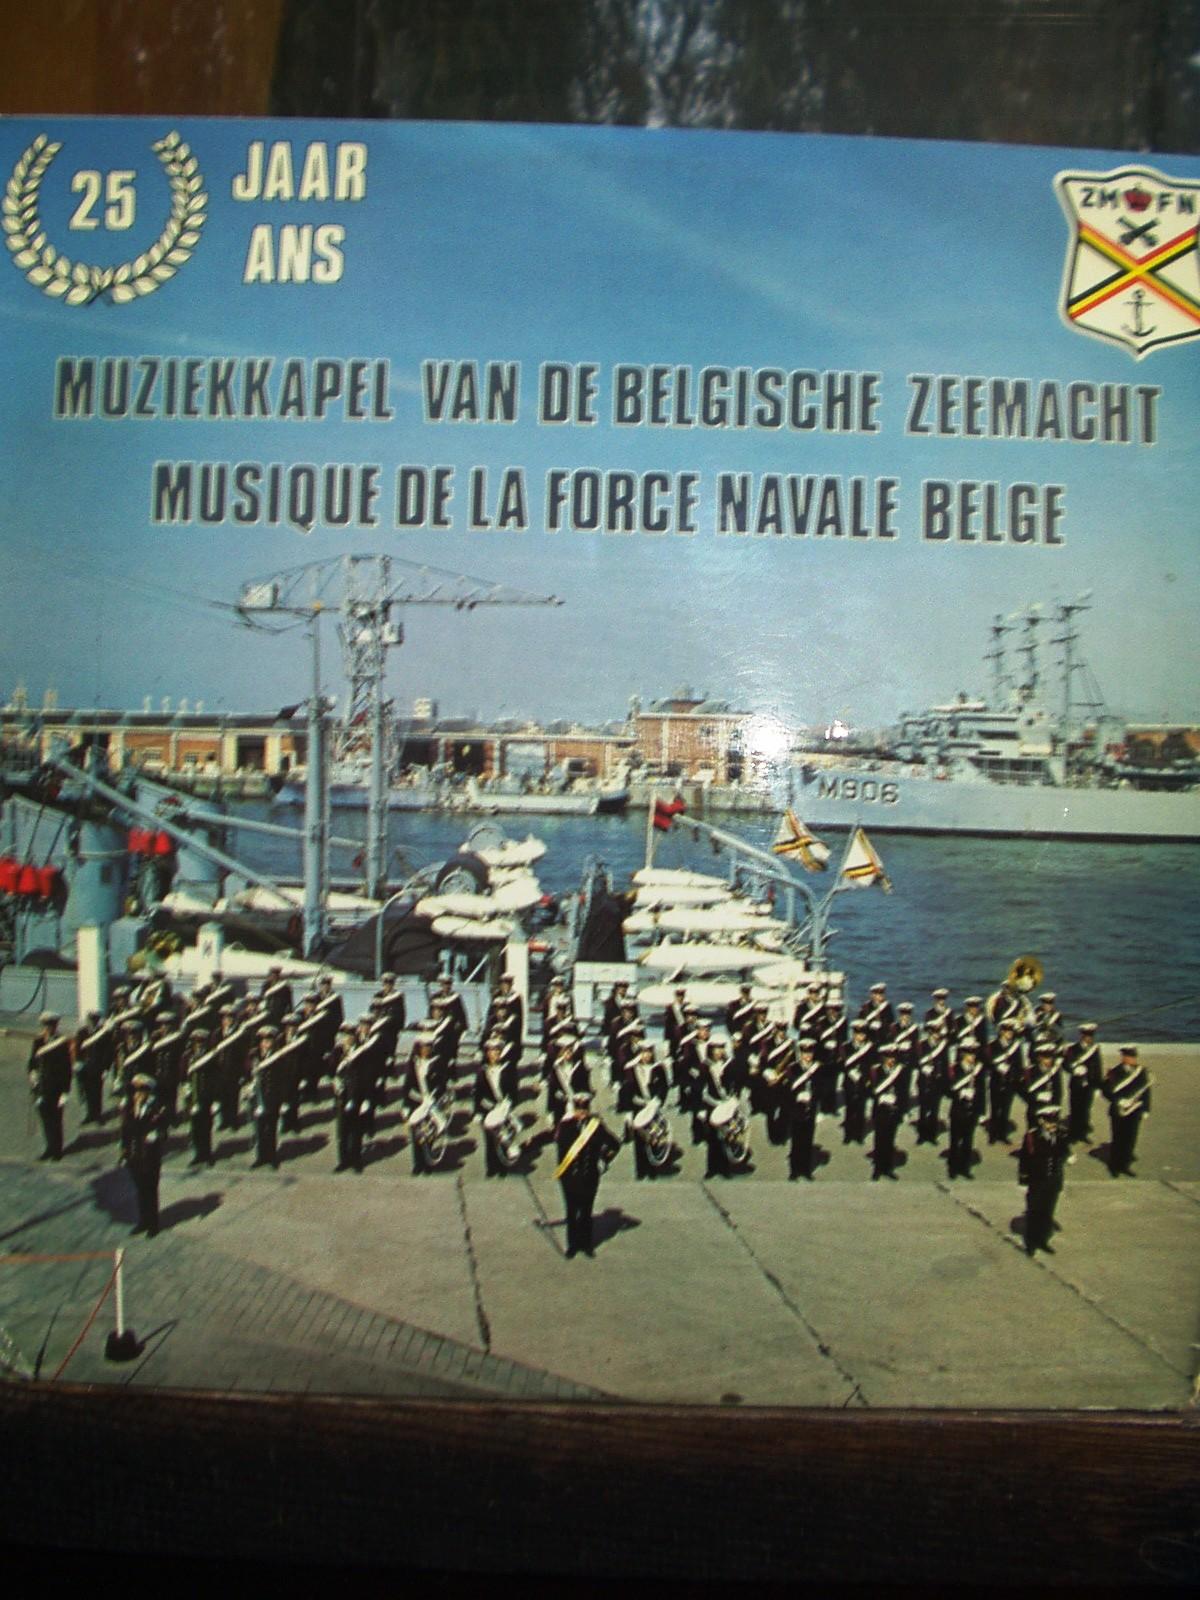 Musique de la Marine - Page 3 1110220548541144818938884